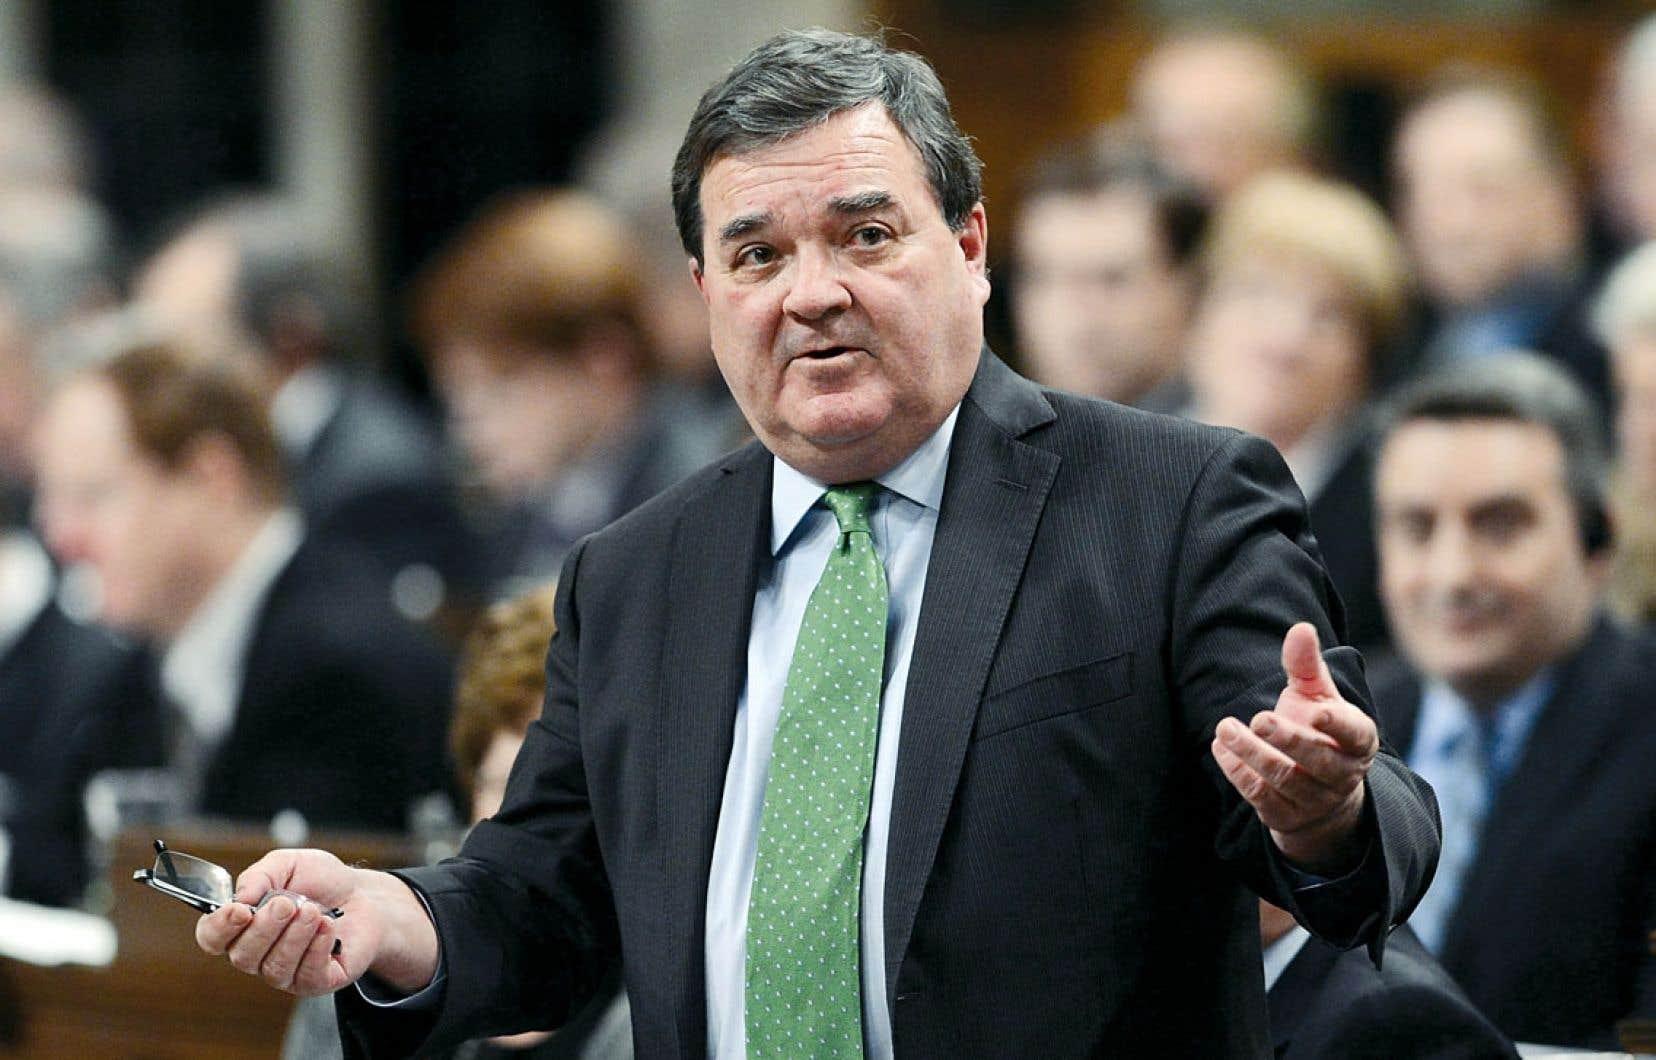 « Notre gouvernement consulte des Canadiens d'un océan à l'autre en préparation du plan d'action économique de 2013, le budget », s'est contenté d'affirmer mardi le ministre des Finances Jim Flaherty, bombardé de questions au sujet de la possibilité qu'Ottawa modifie l'entente sur le marché du travail, qui prévoit le versement de 1,95 milliard par année aux provinces.